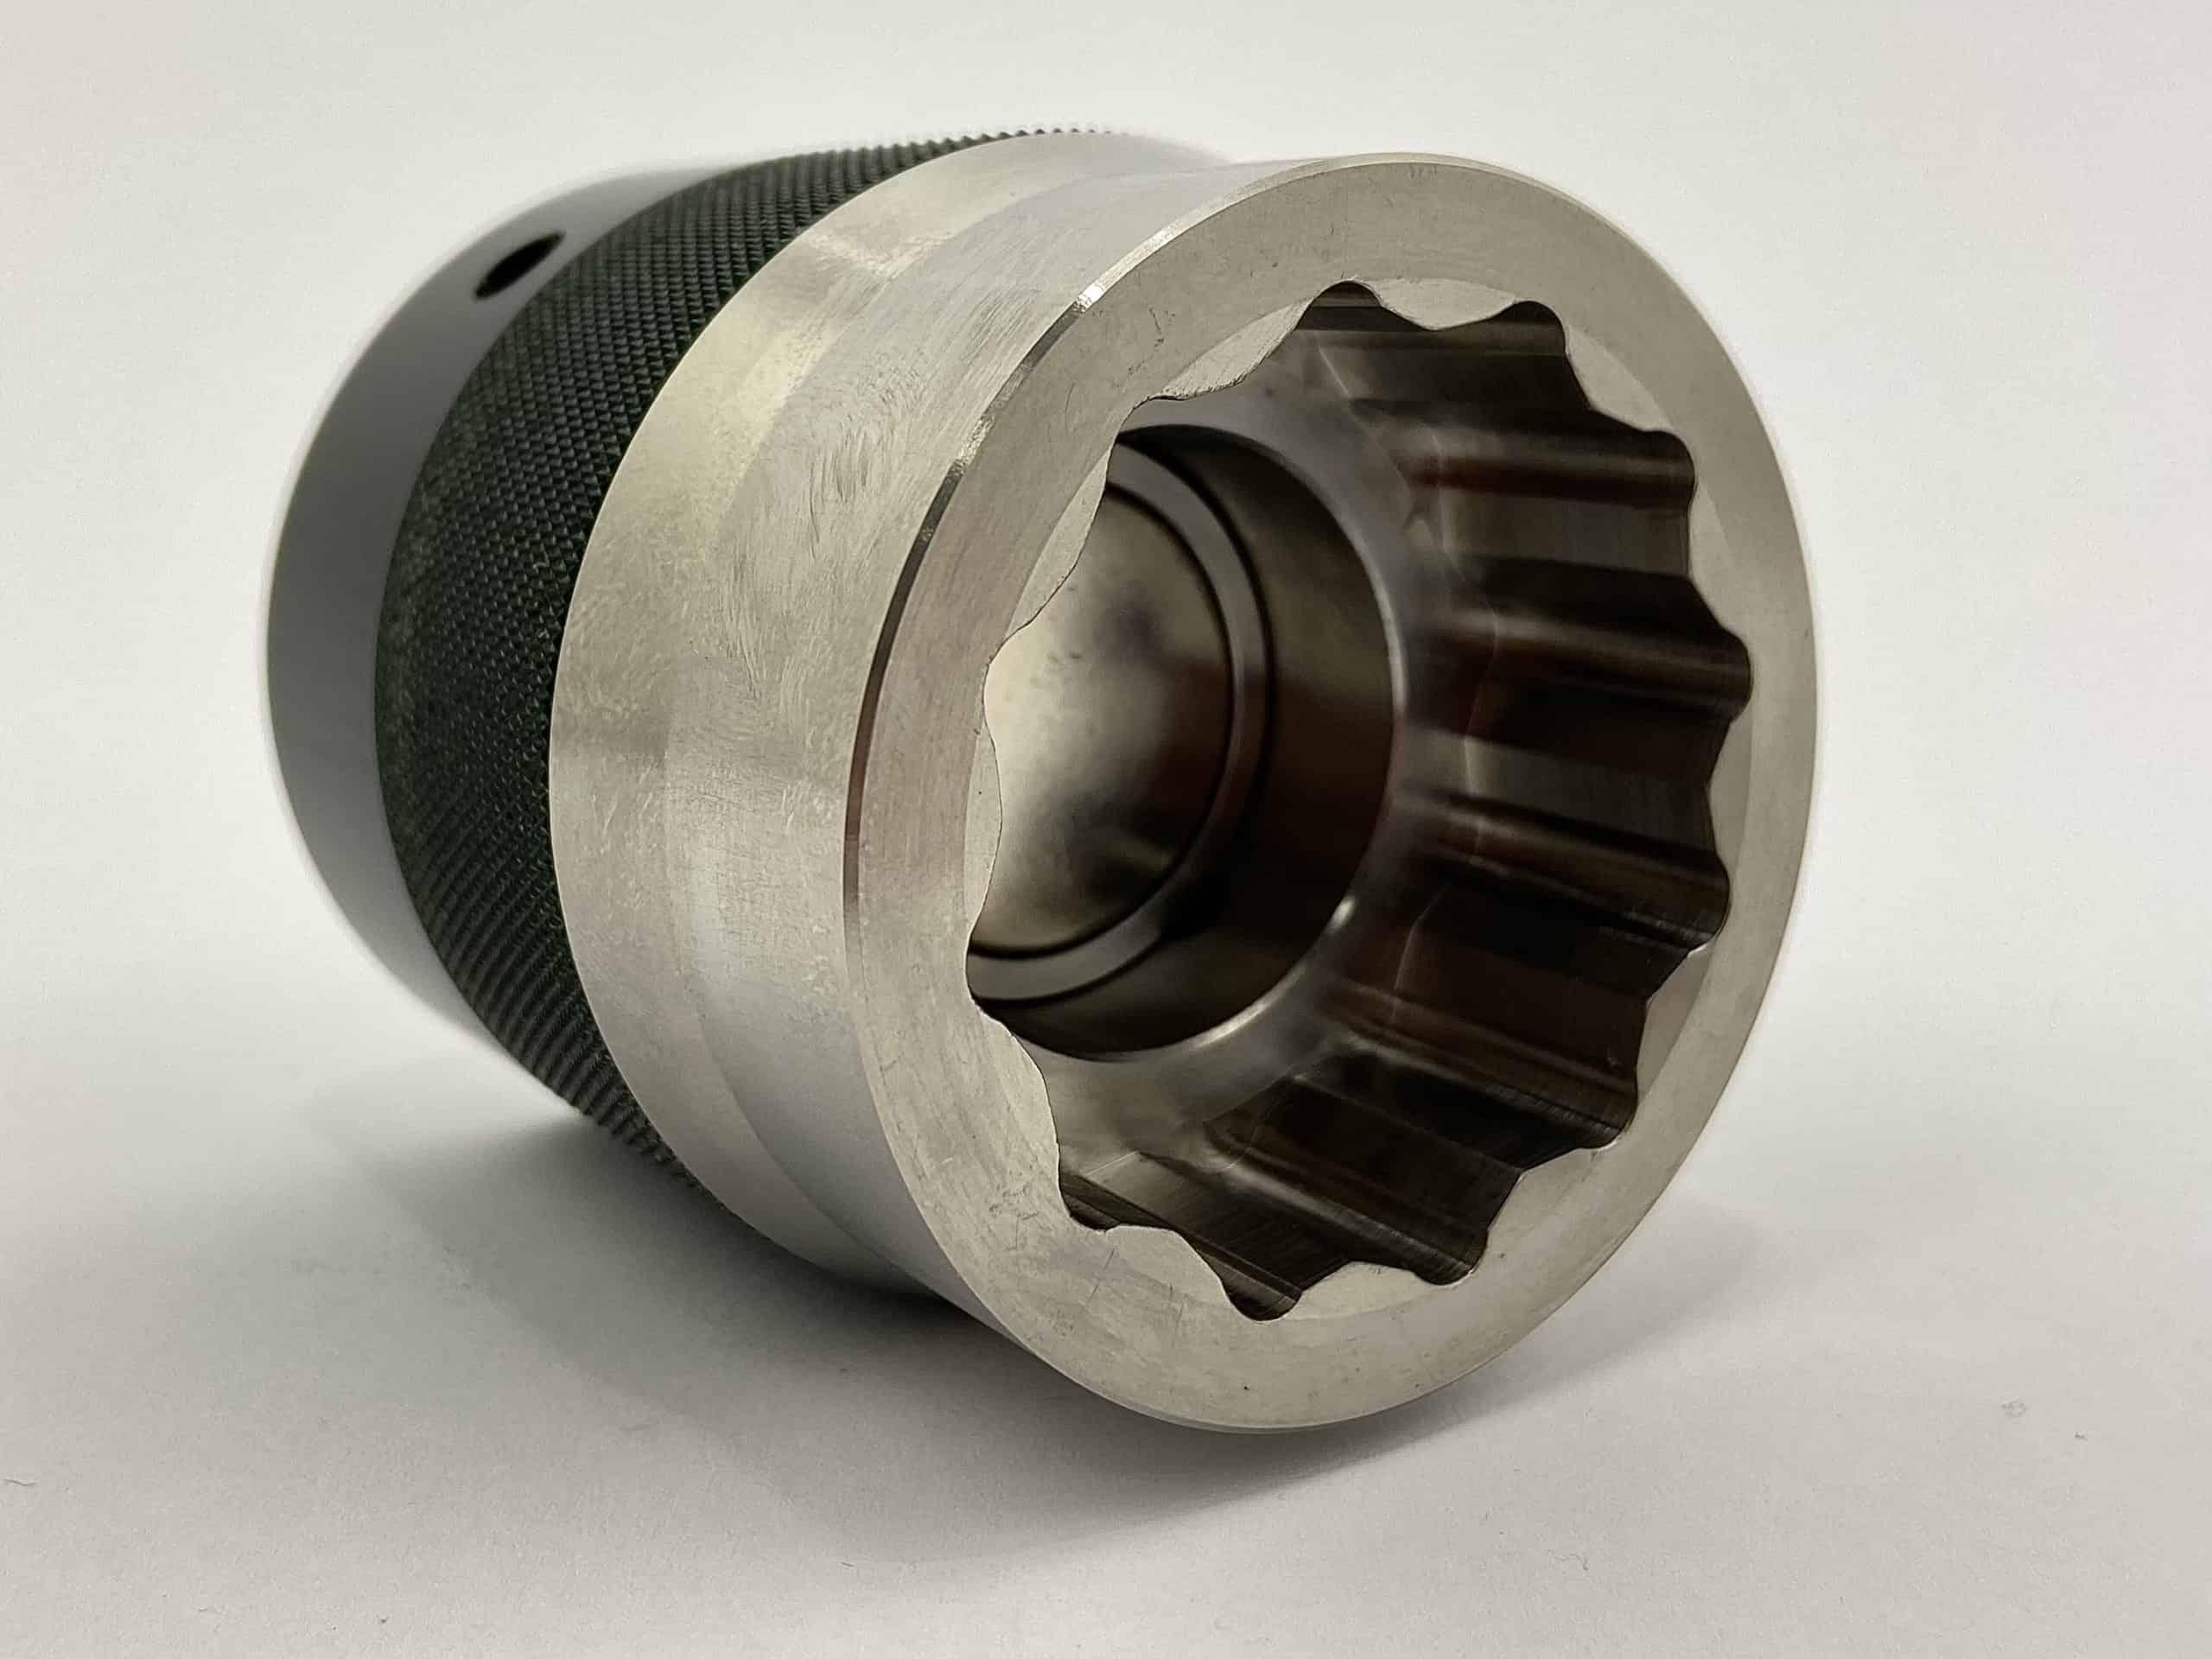 Vudu socket pysyy magneetilla